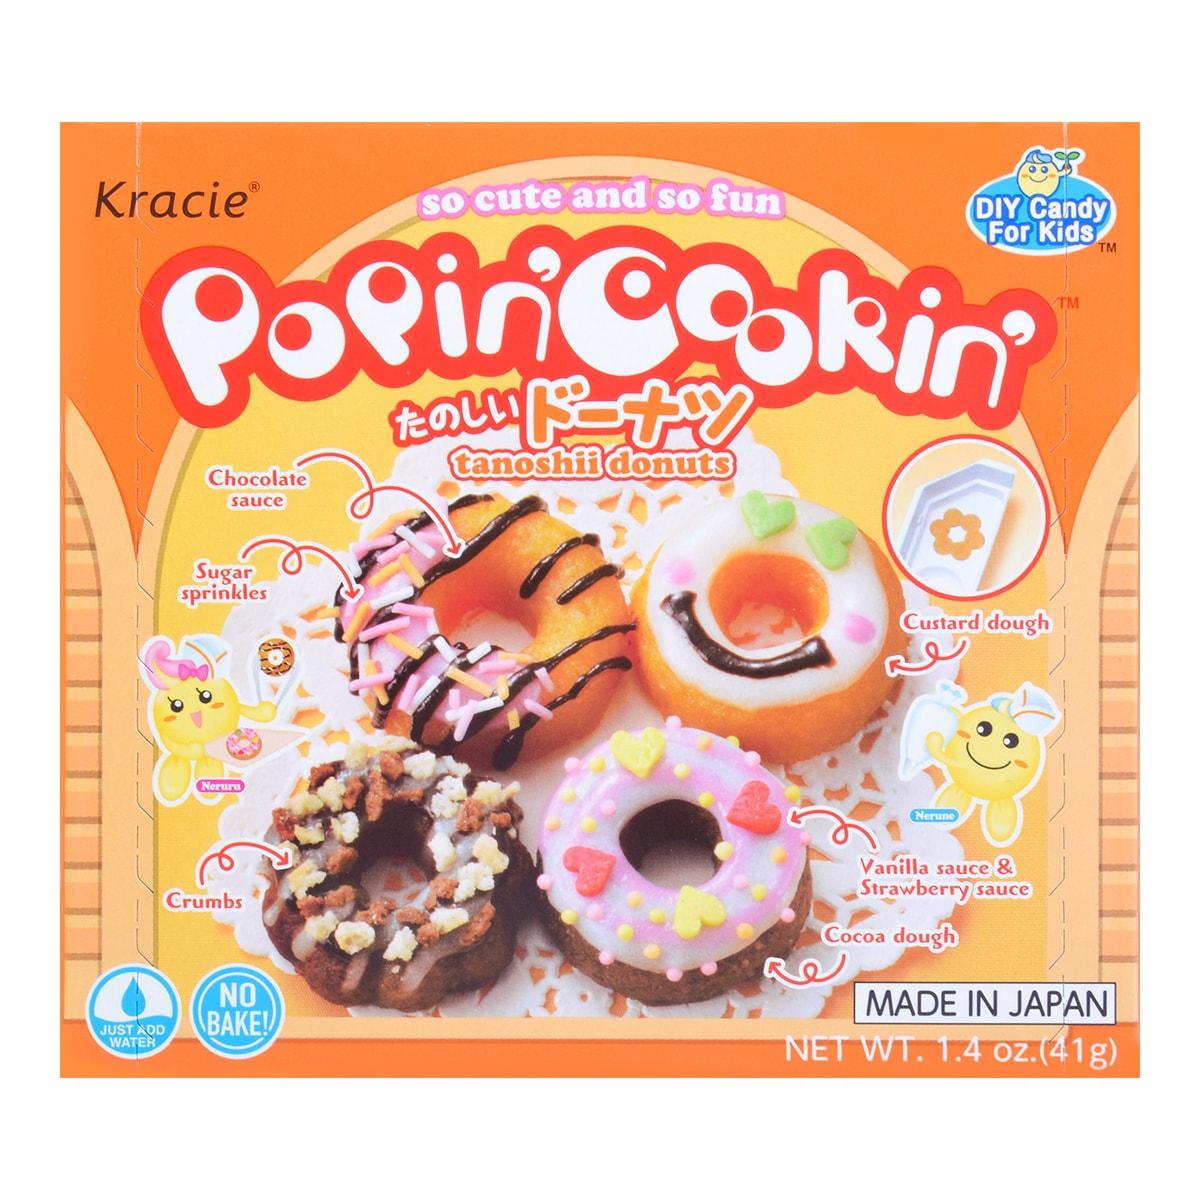 日本食玩嘉娜宝KRACIE  甜甜圈DIY自制手工糖果玩具 41g